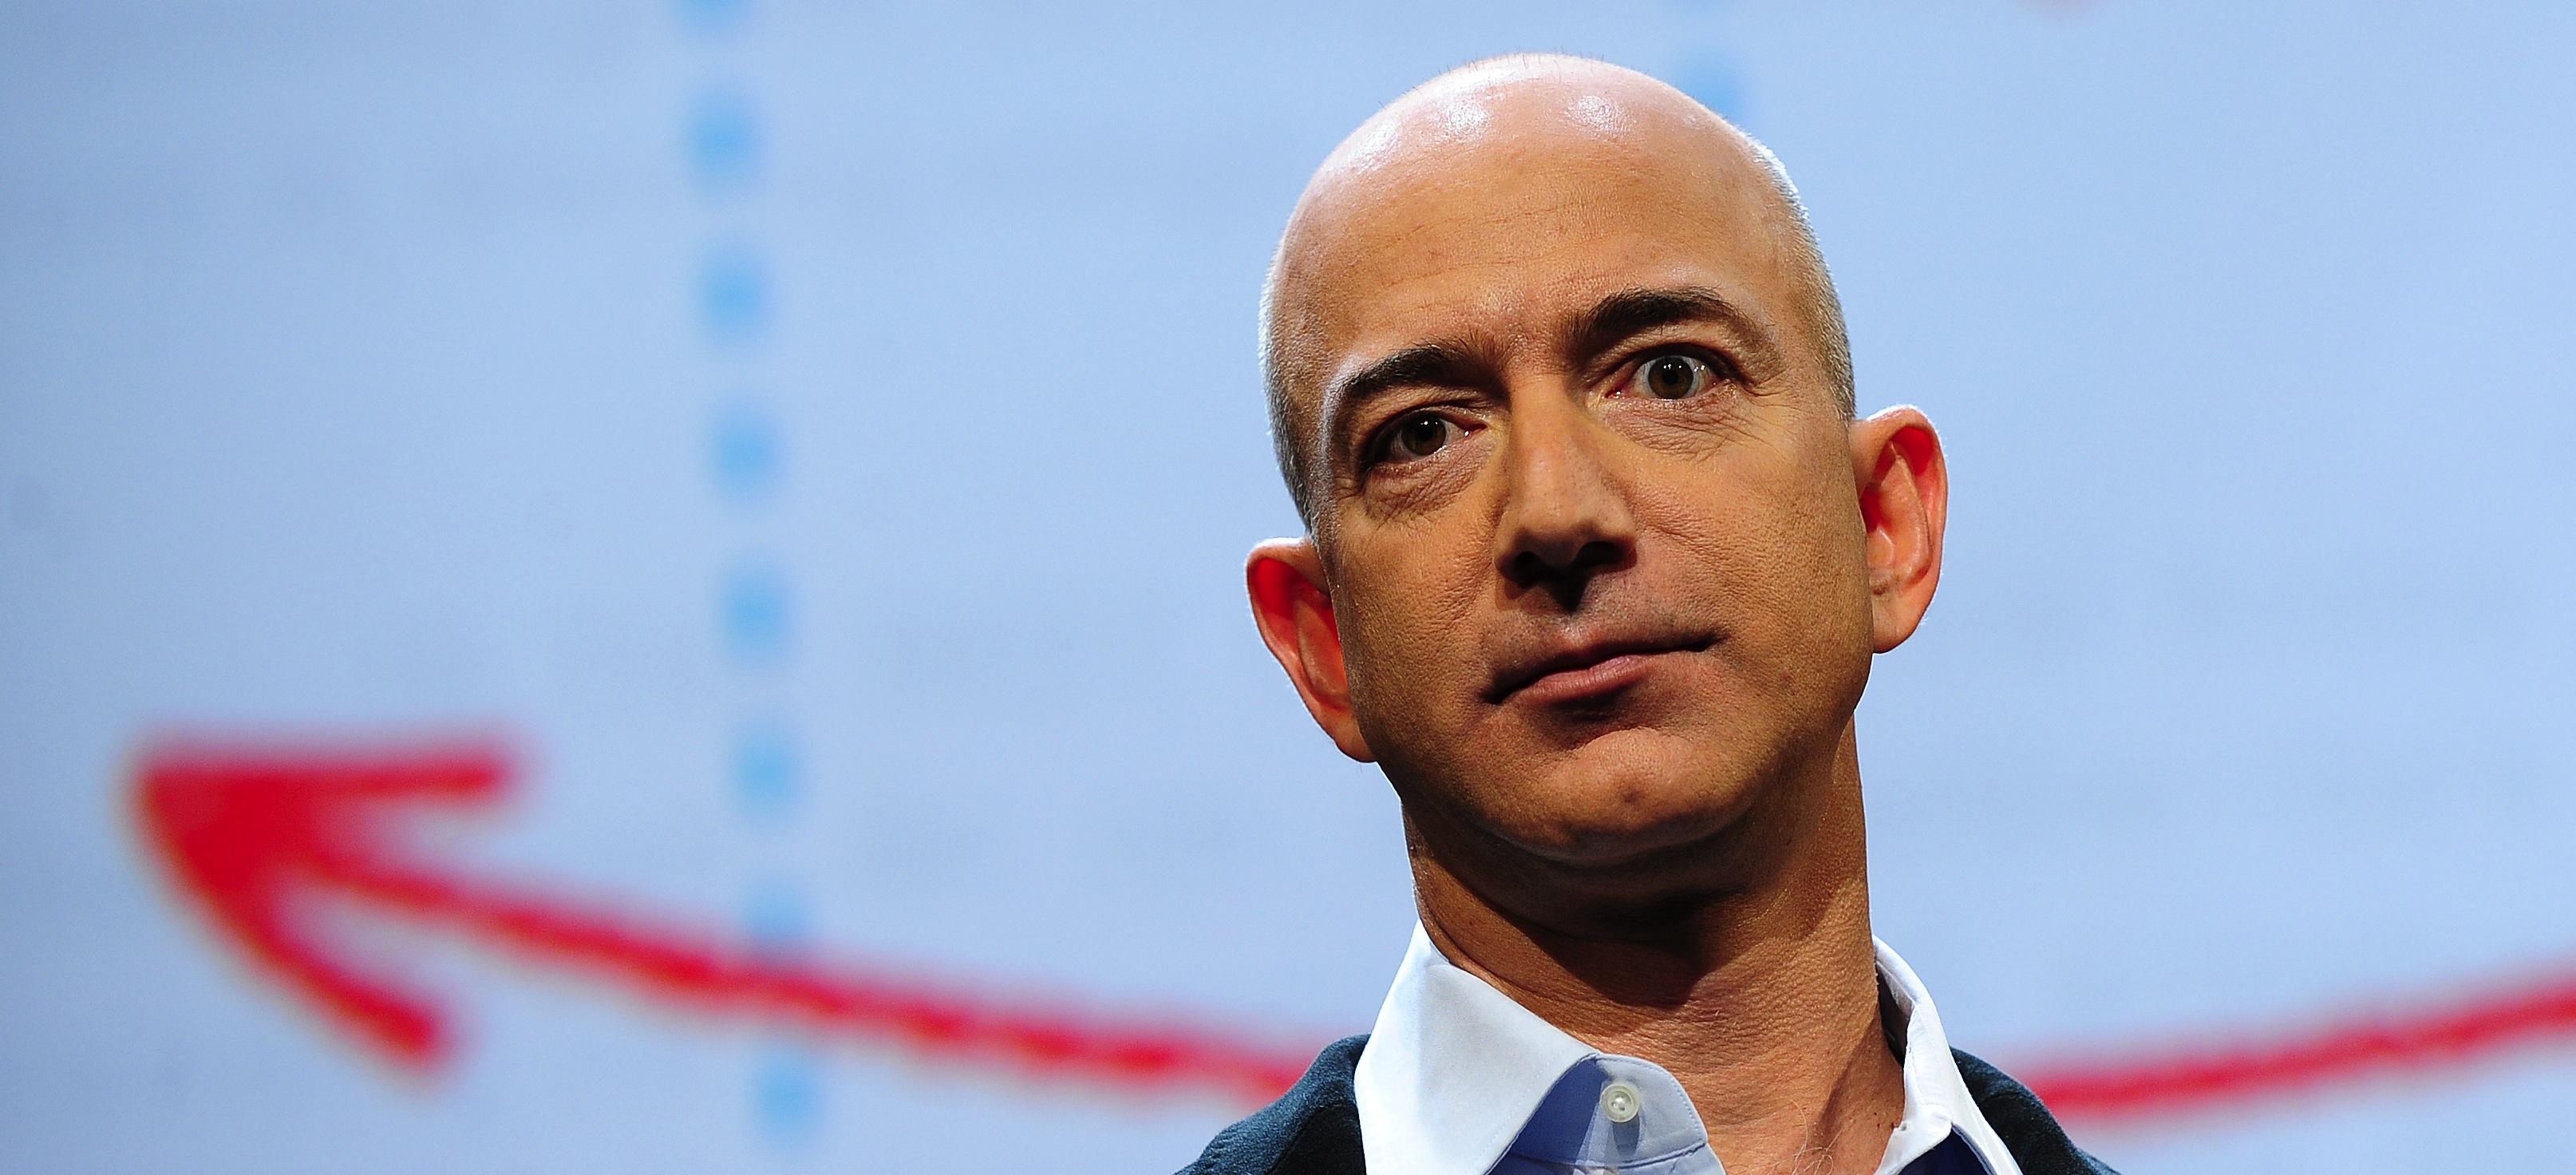 De acuerdo con Forbes Jeff Bezos fue listado en enero de 2018 como la persona más rica del mundo con una estimada riqueza neta de 157 mil millones de dólares